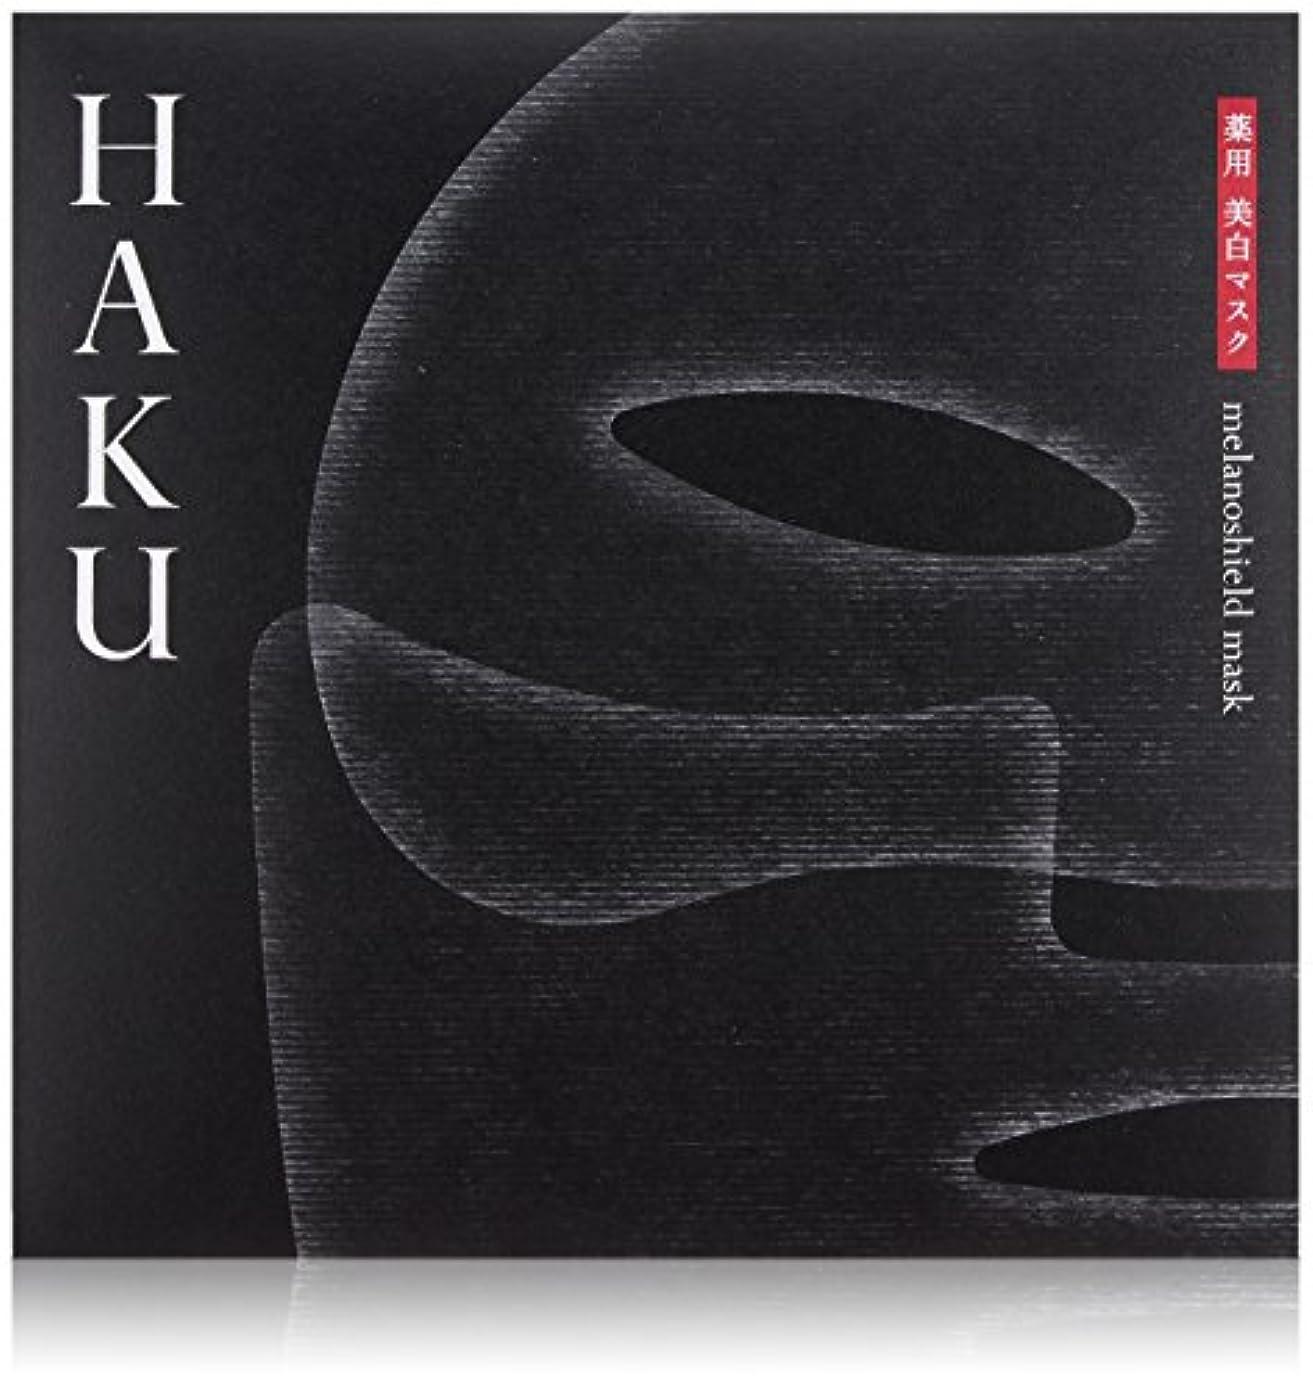 節約赤面閉じ込めるHAKU メラノシールド マスク 30mL 1袋 (上用?下用各1枚入) 薬用美白マスク 【医薬部外品】